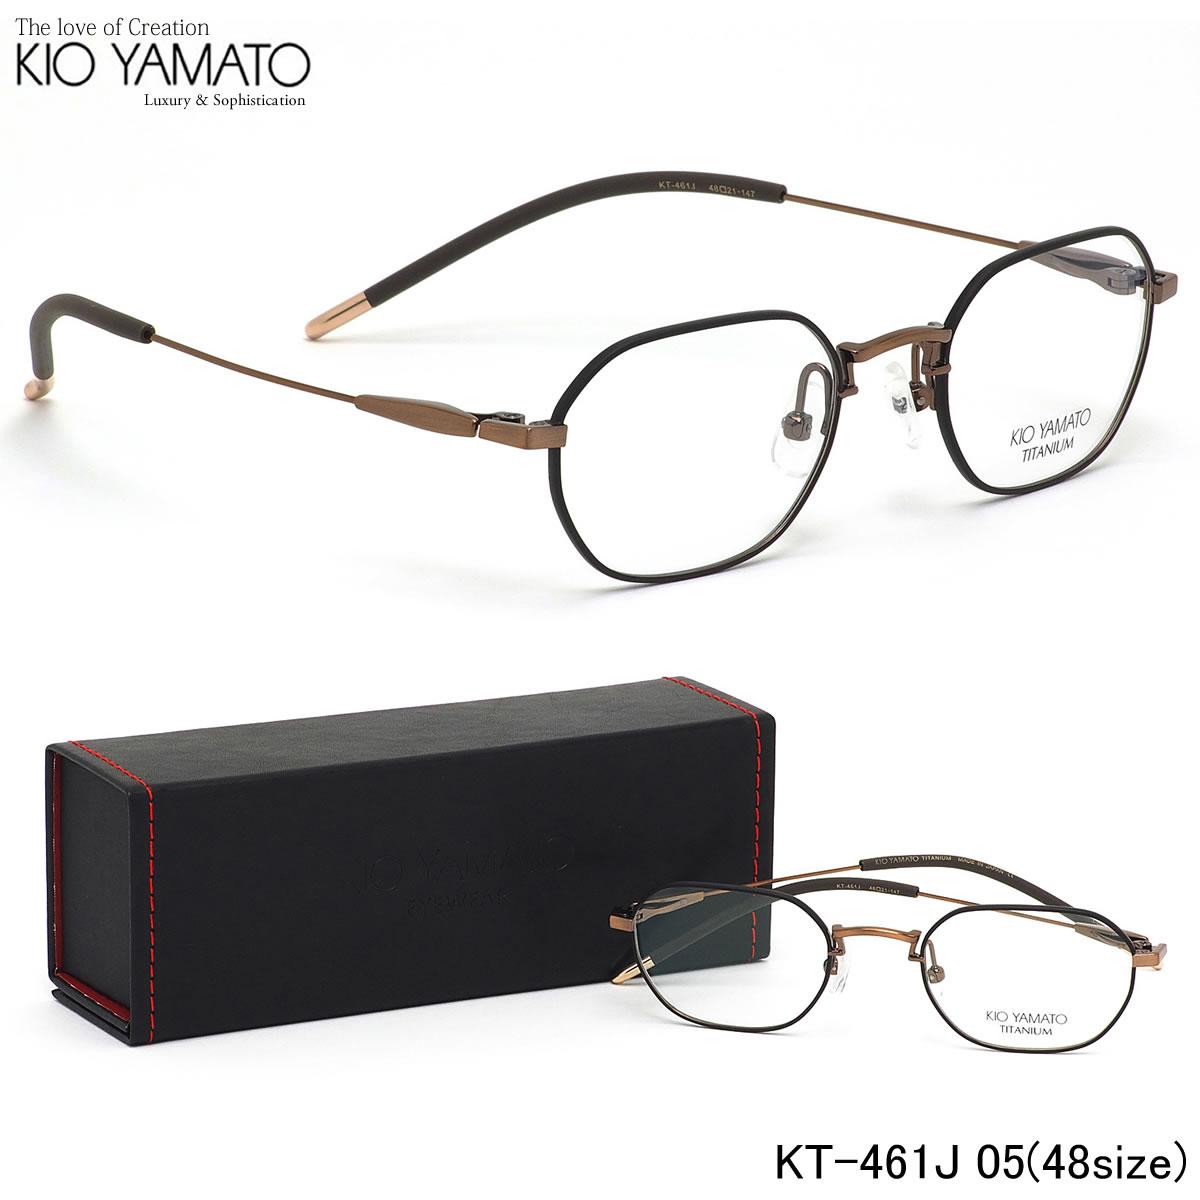 ほぼ全品ポイント15倍~最大34倍+2倍! キオヤマト KIO YAMATO メガネKT-461J 05 48サイズ日本製 チタン オクタゴンキオヤマト KIOYAMATO メンズ レディース